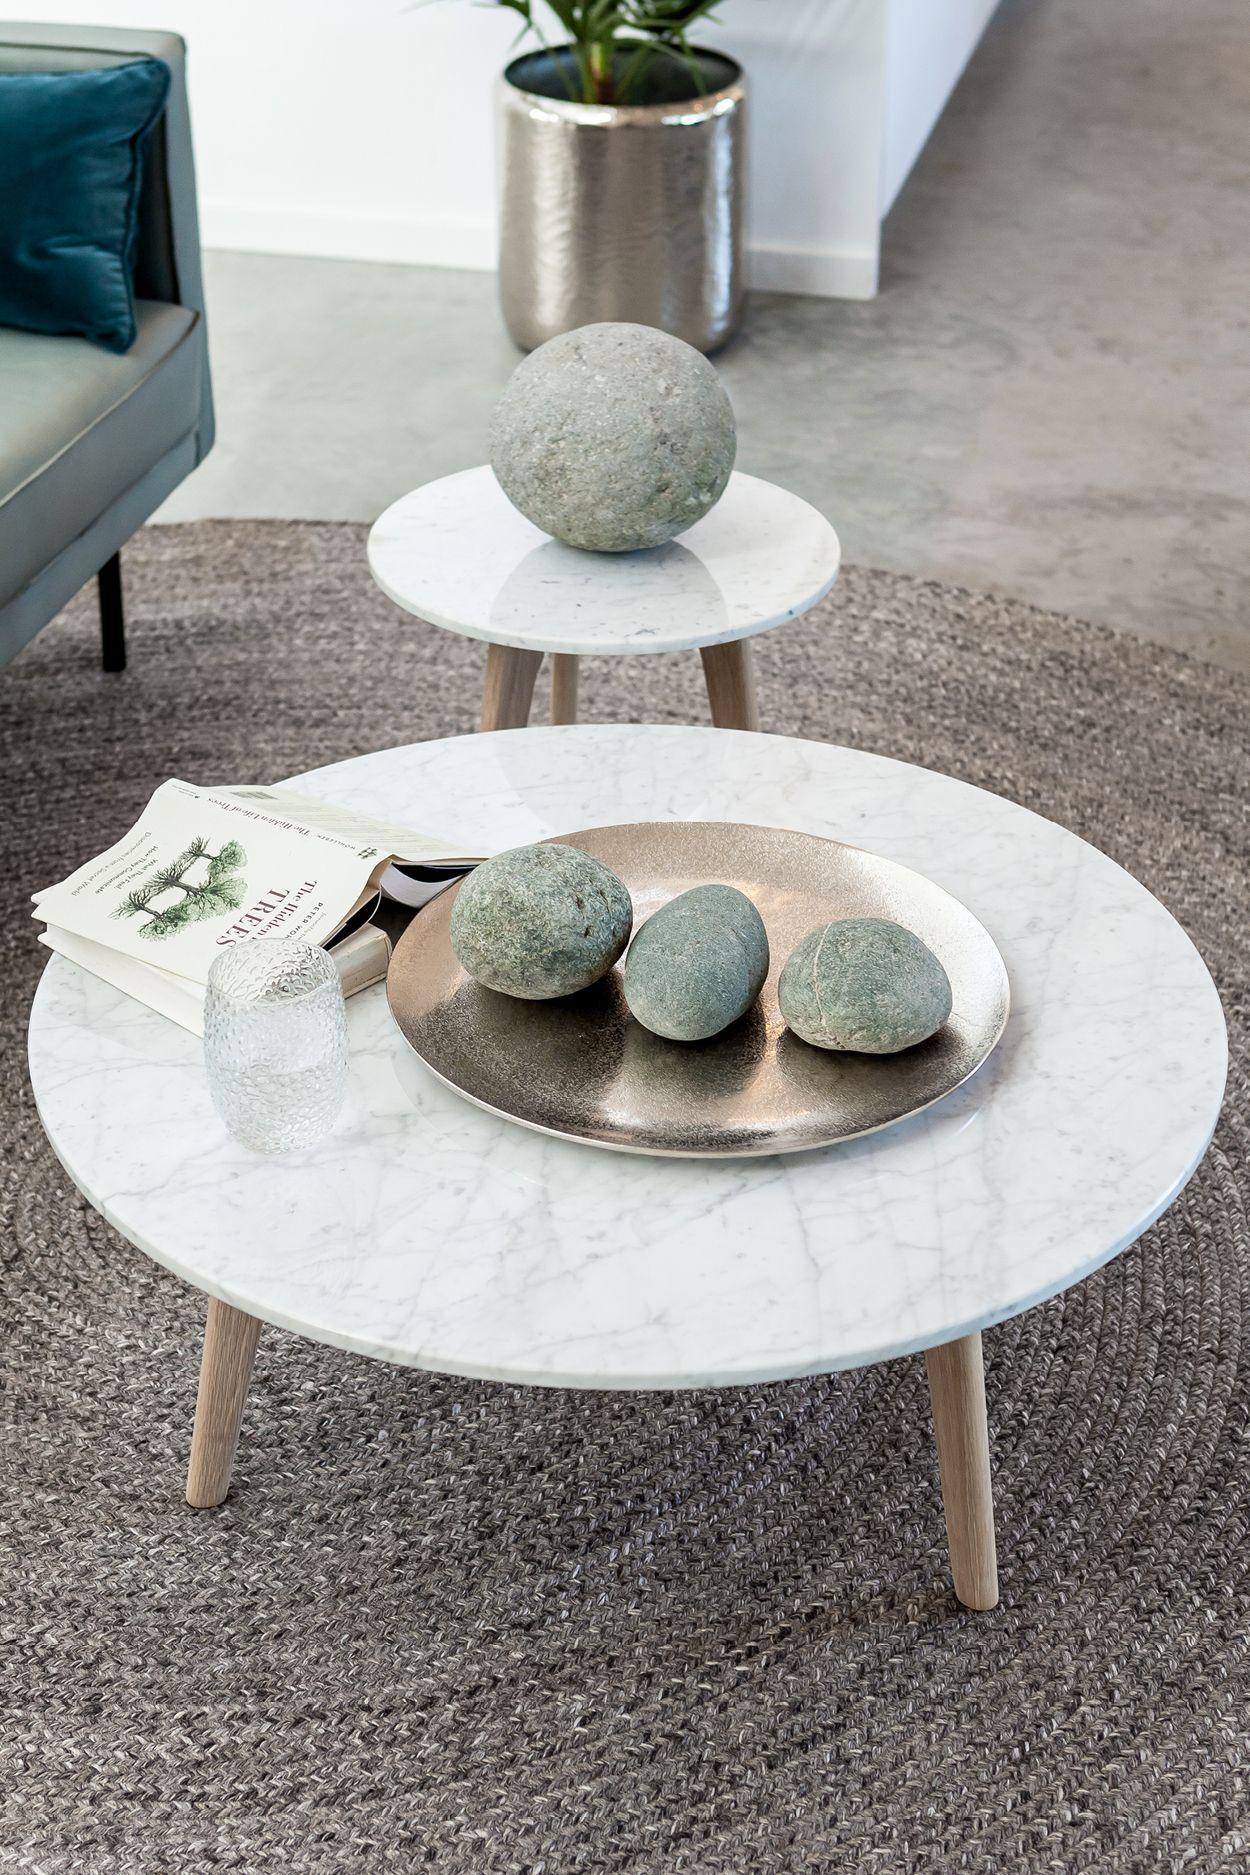 19+ White round mid century coffee table ideas